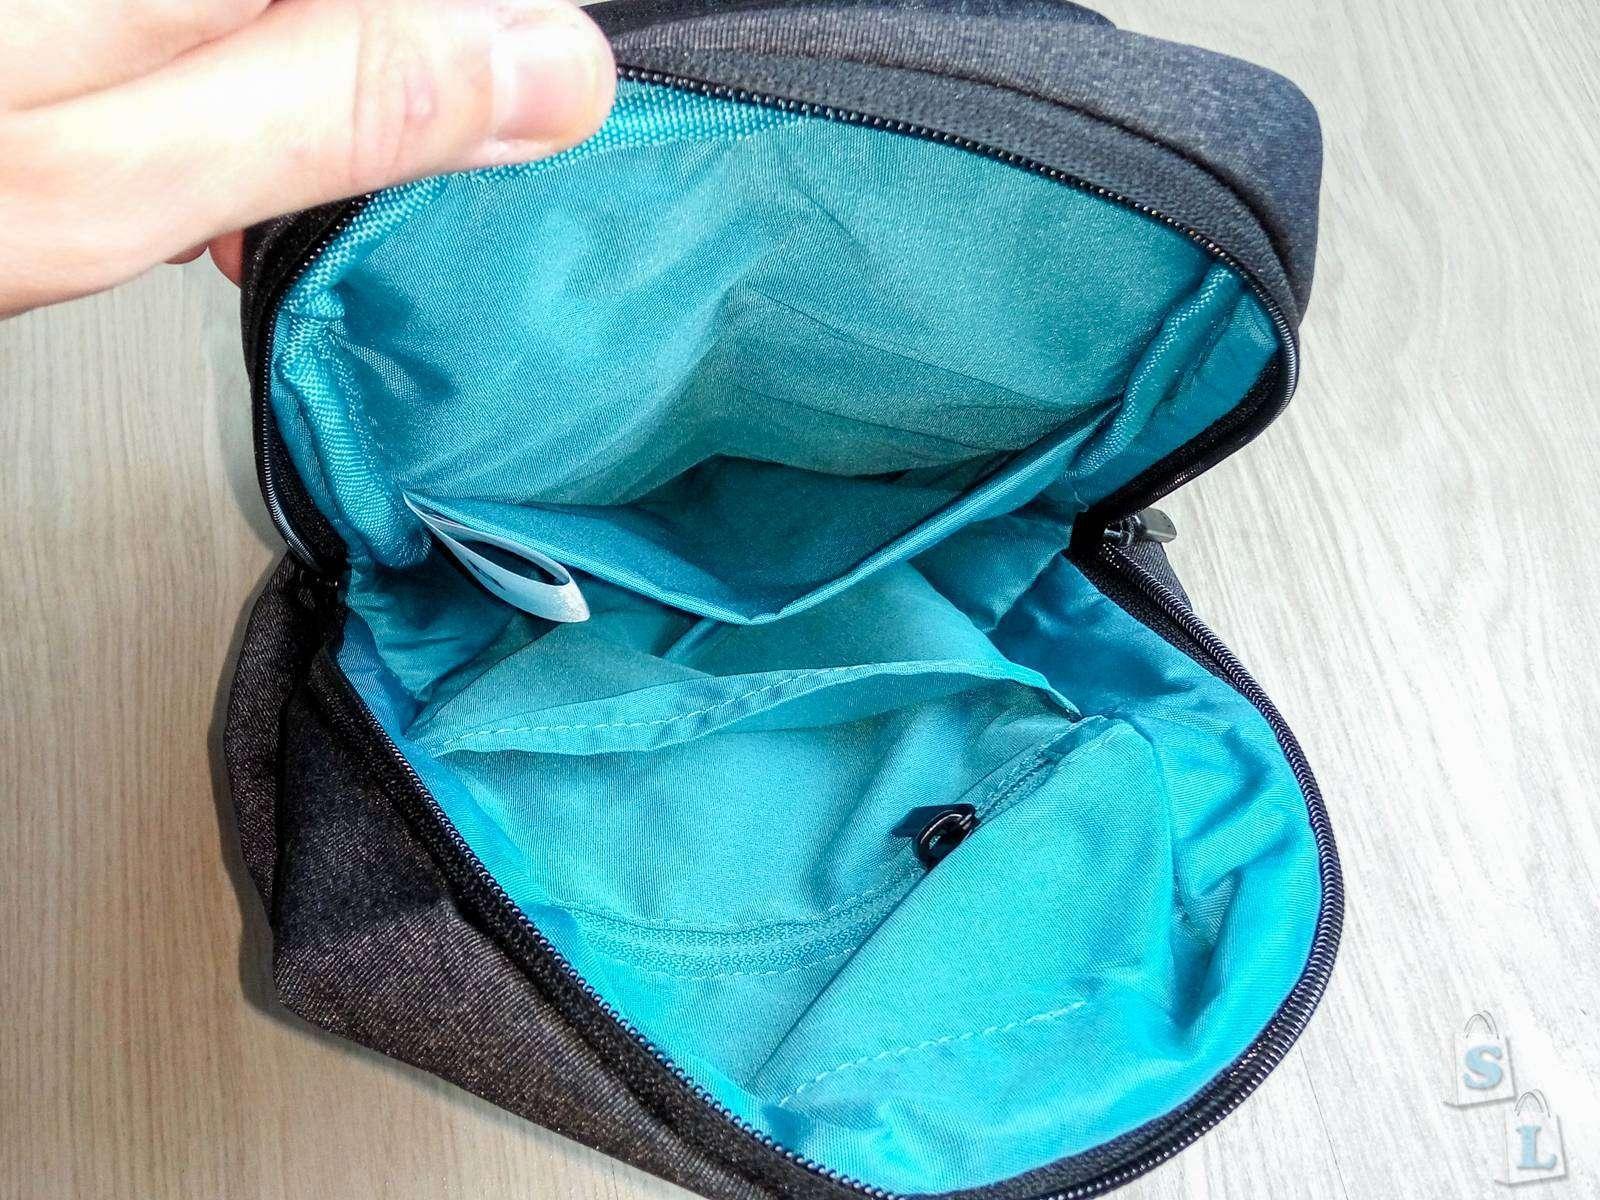 GearBest: Небольшой городской рюкзак Xiaomi Sling Bag